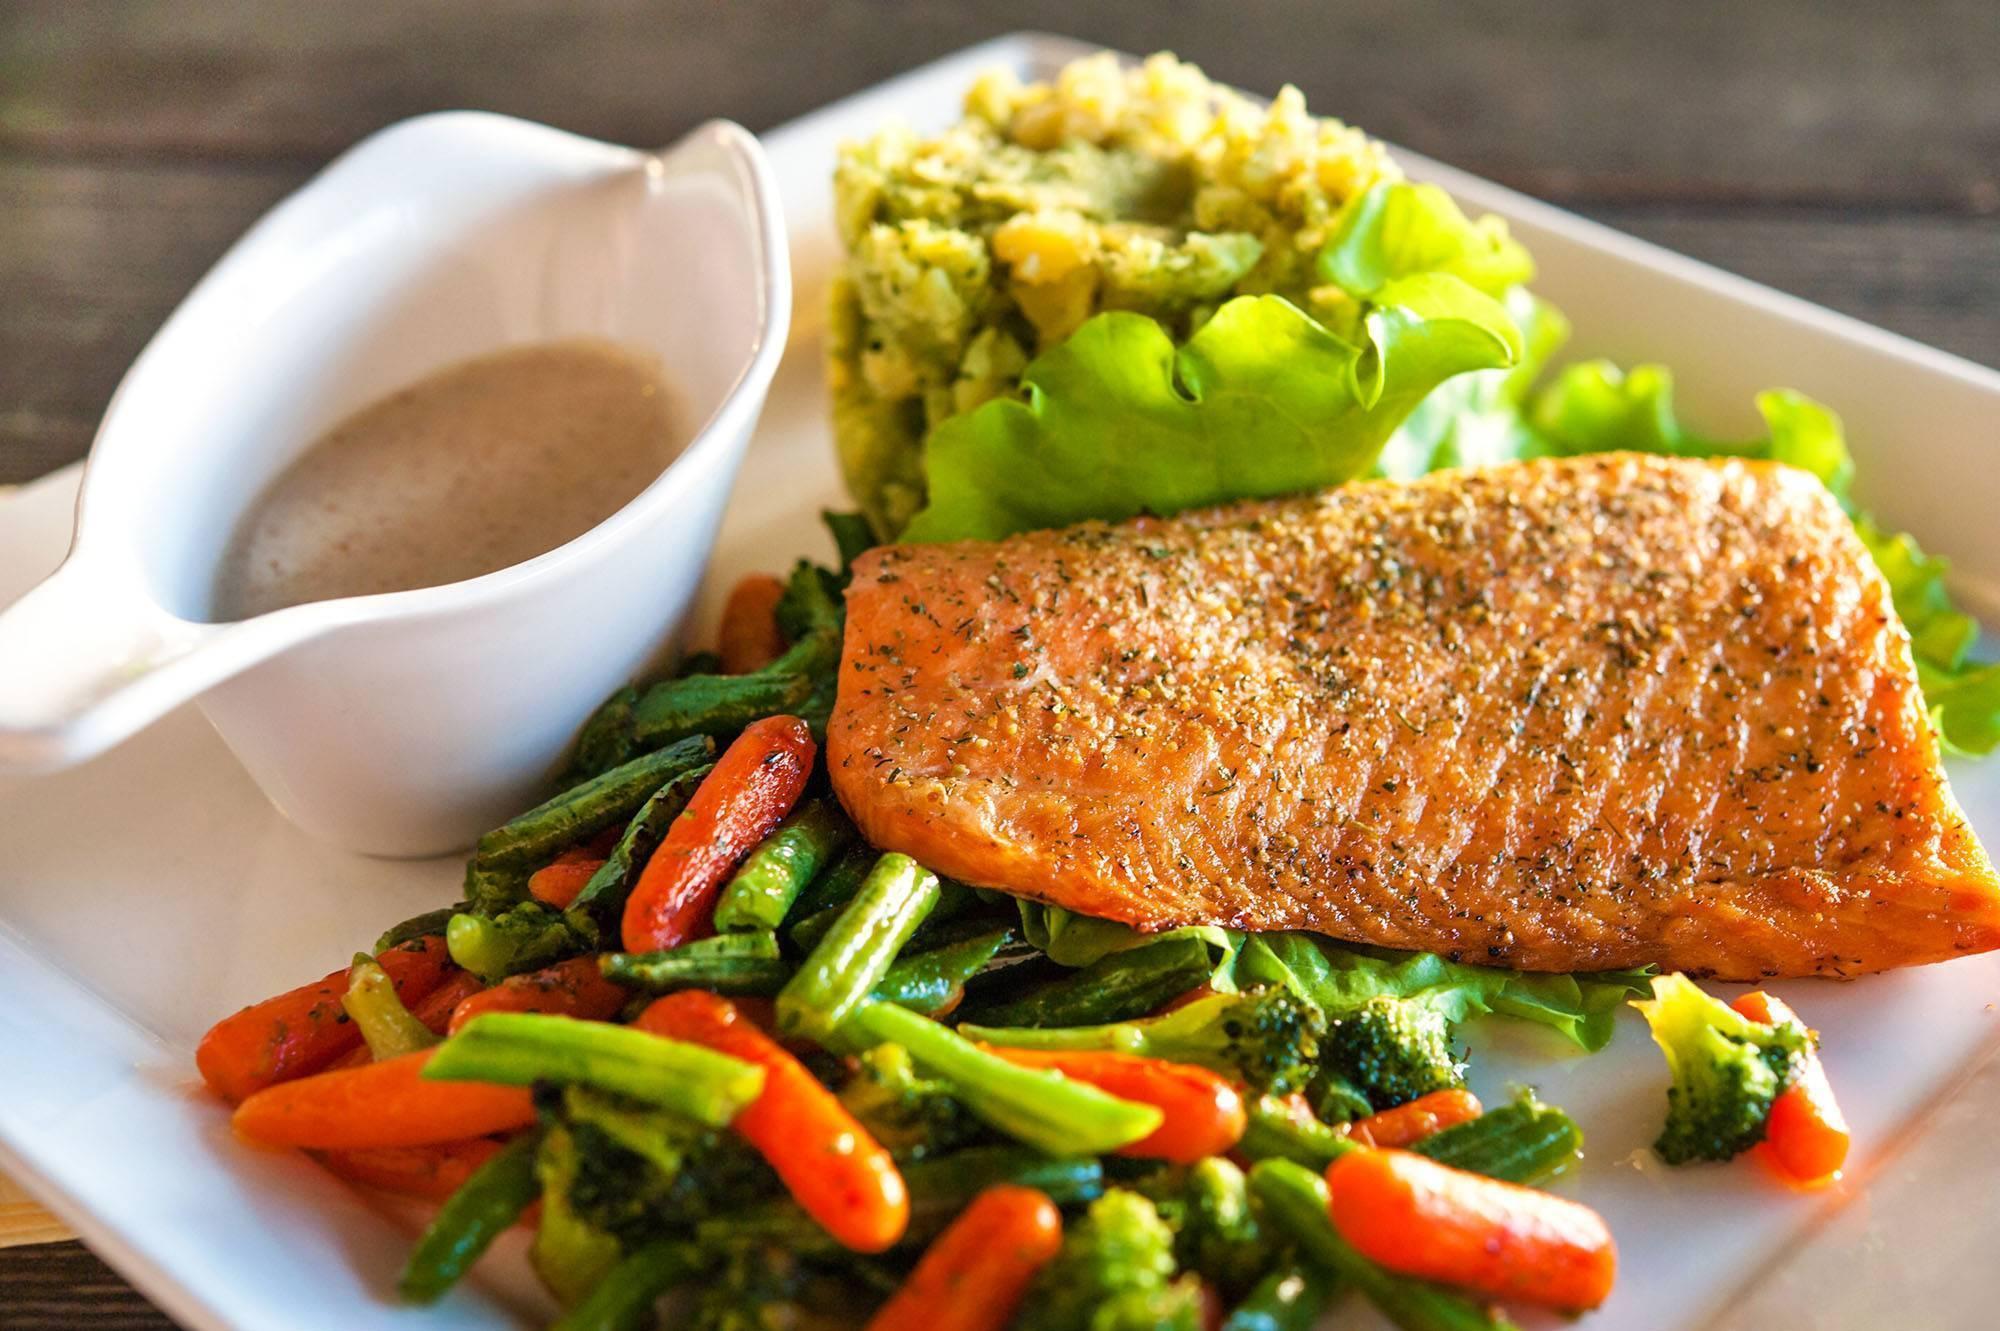 Гарнир к рыбе - лучшие рецепты из овощей или риса к жареной, запеченной рыбе